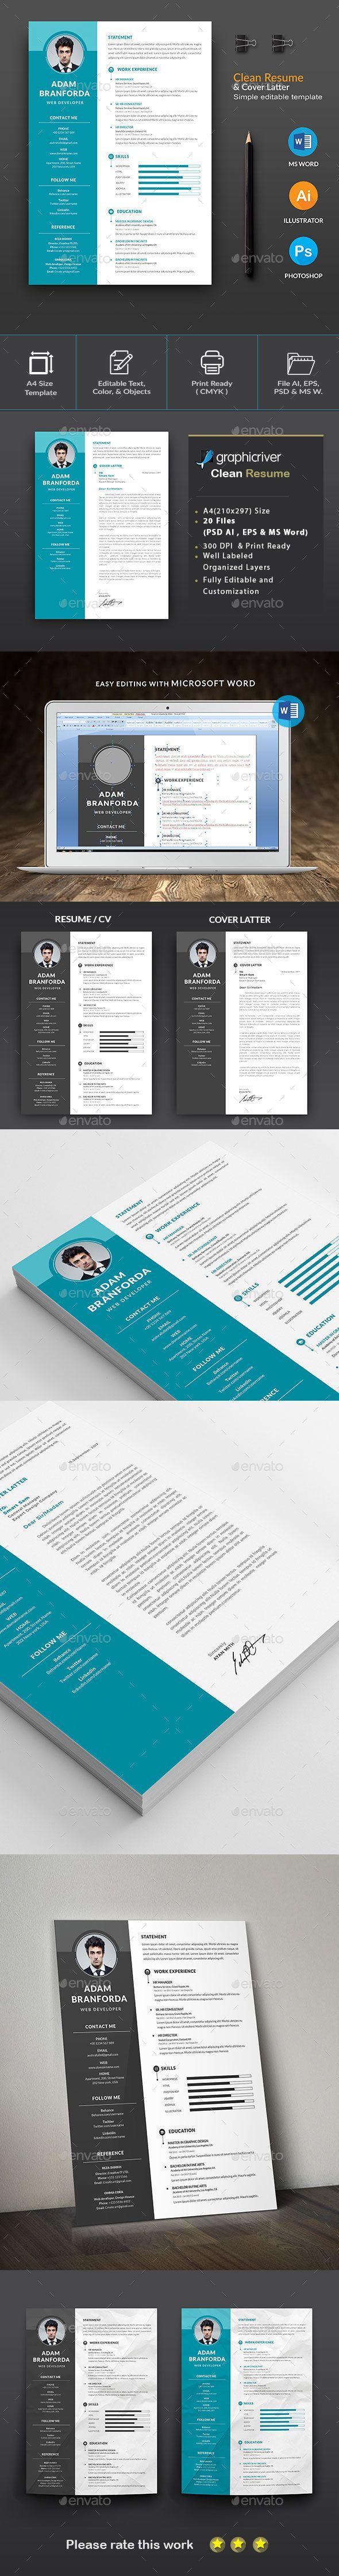 The CV Resume 599 best CvResumesPortfolio